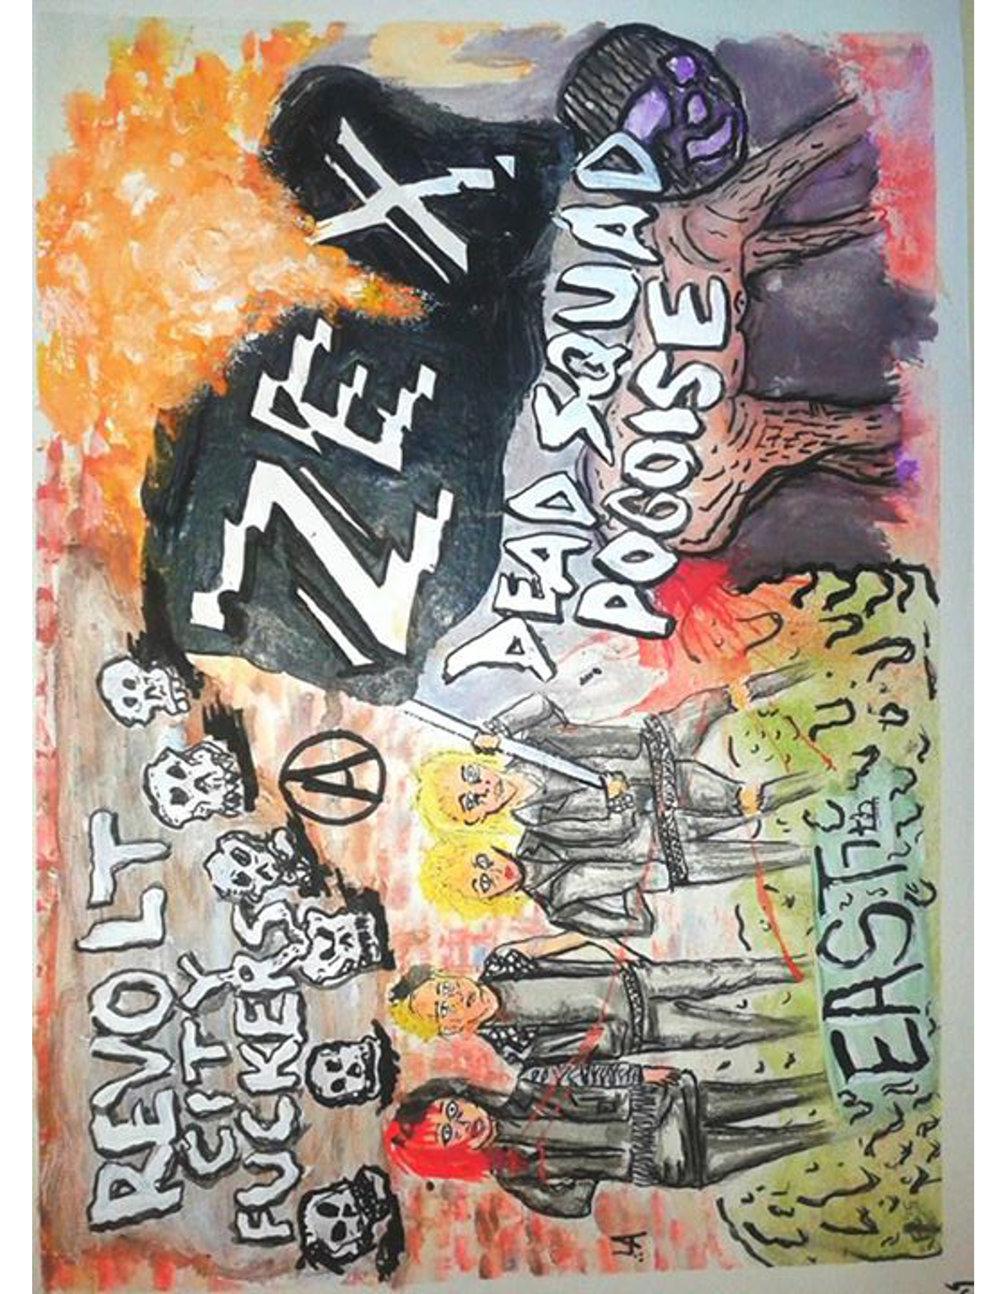 flyer-15.05.31-losangeles-zex-late2.jpg